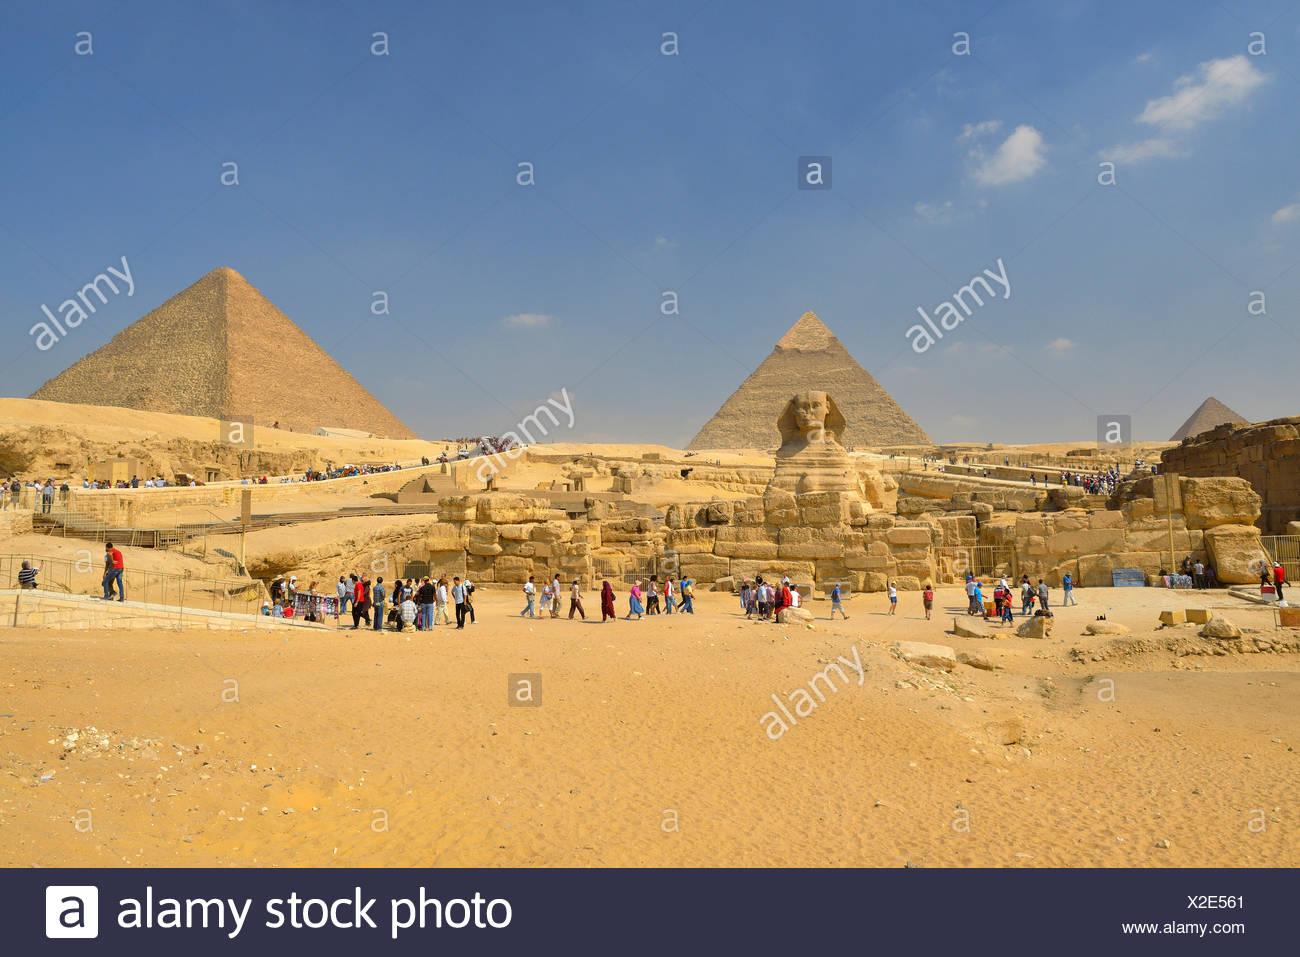 Gran Esfinge de Giza, las pirámides de Giza, El Cairo, Egipto, Oriente Medio, África del Norte, África Imagen De Stock